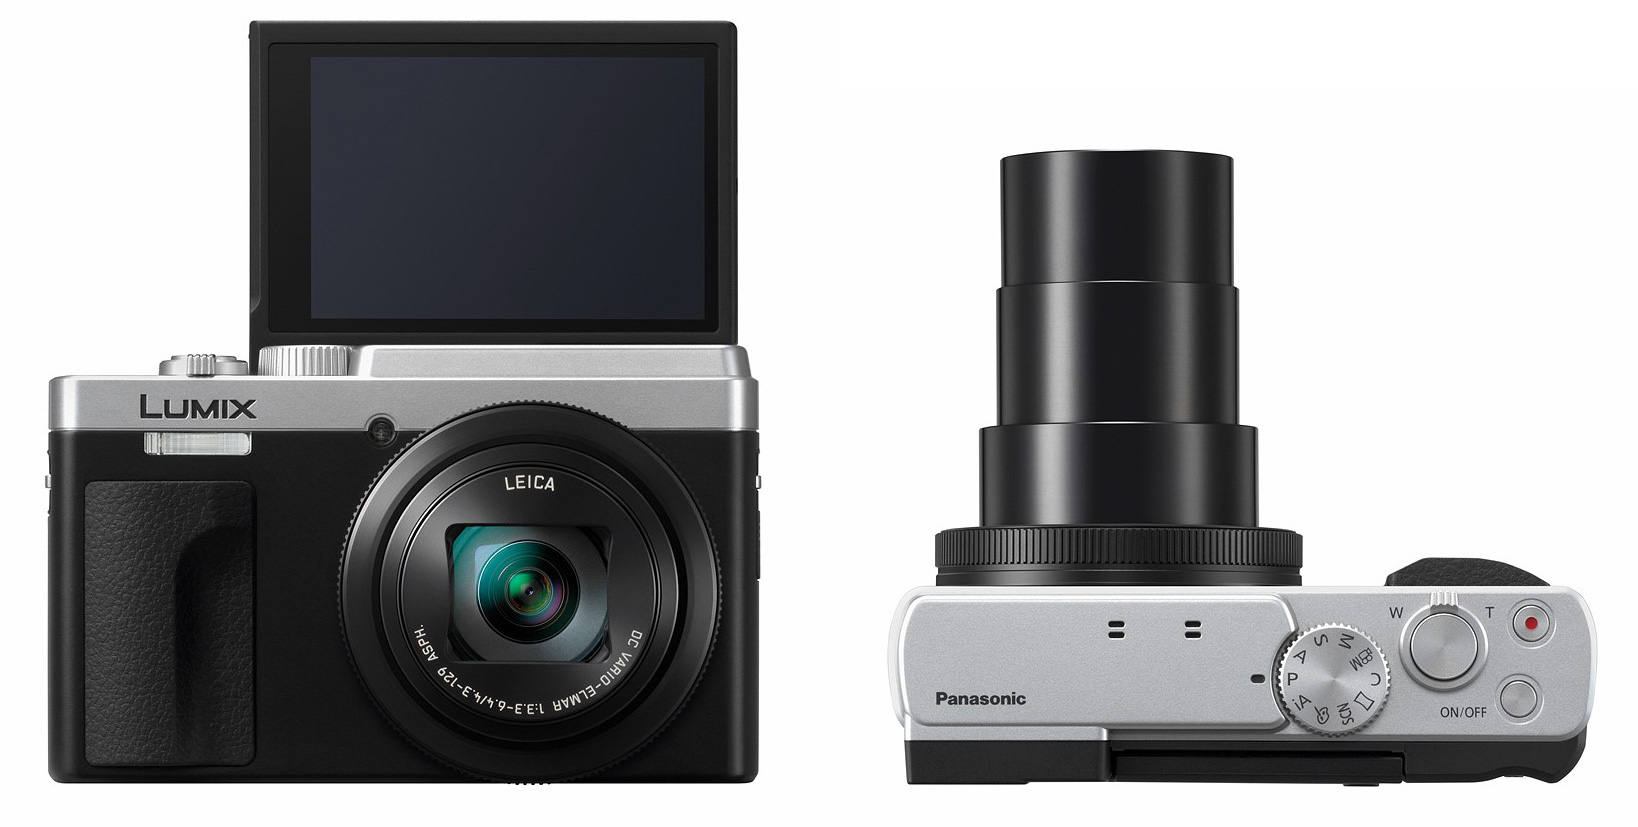 Panasonic täiendas enda reisikaamerate rivi uue Lumix TZ95 mudeliga